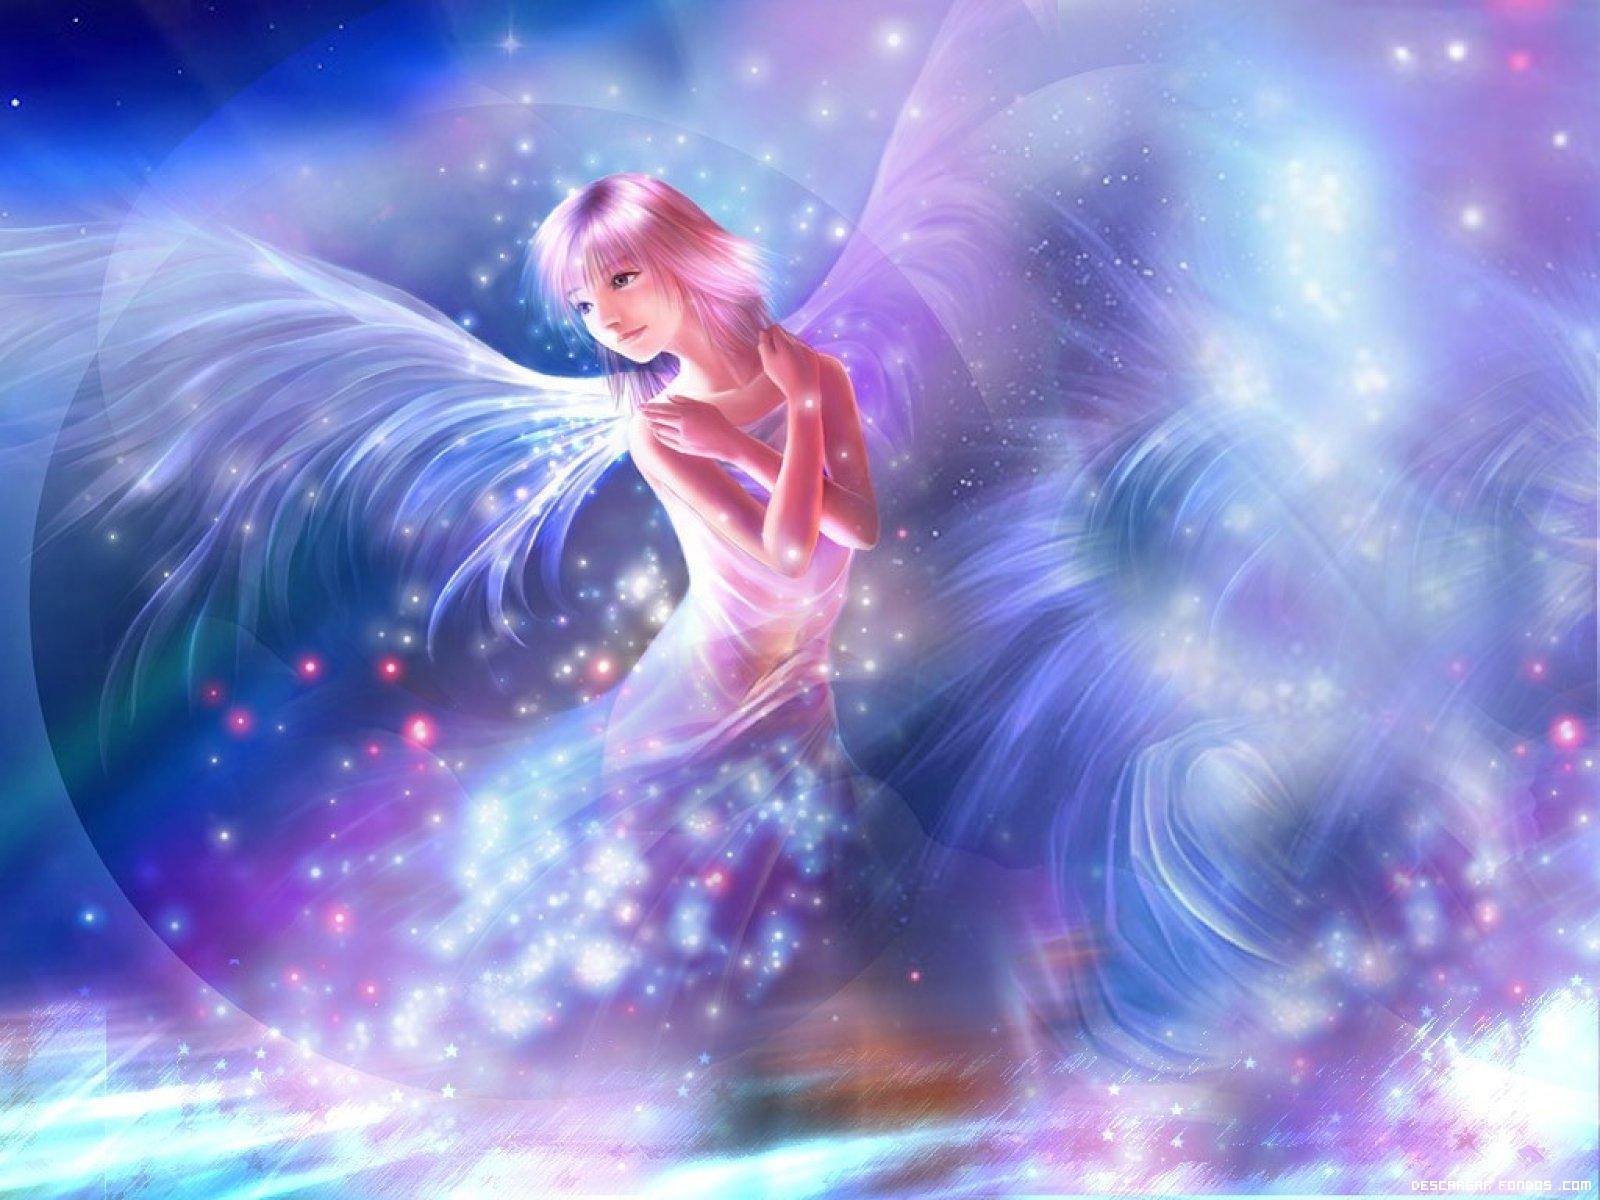 Un ángel con destellos